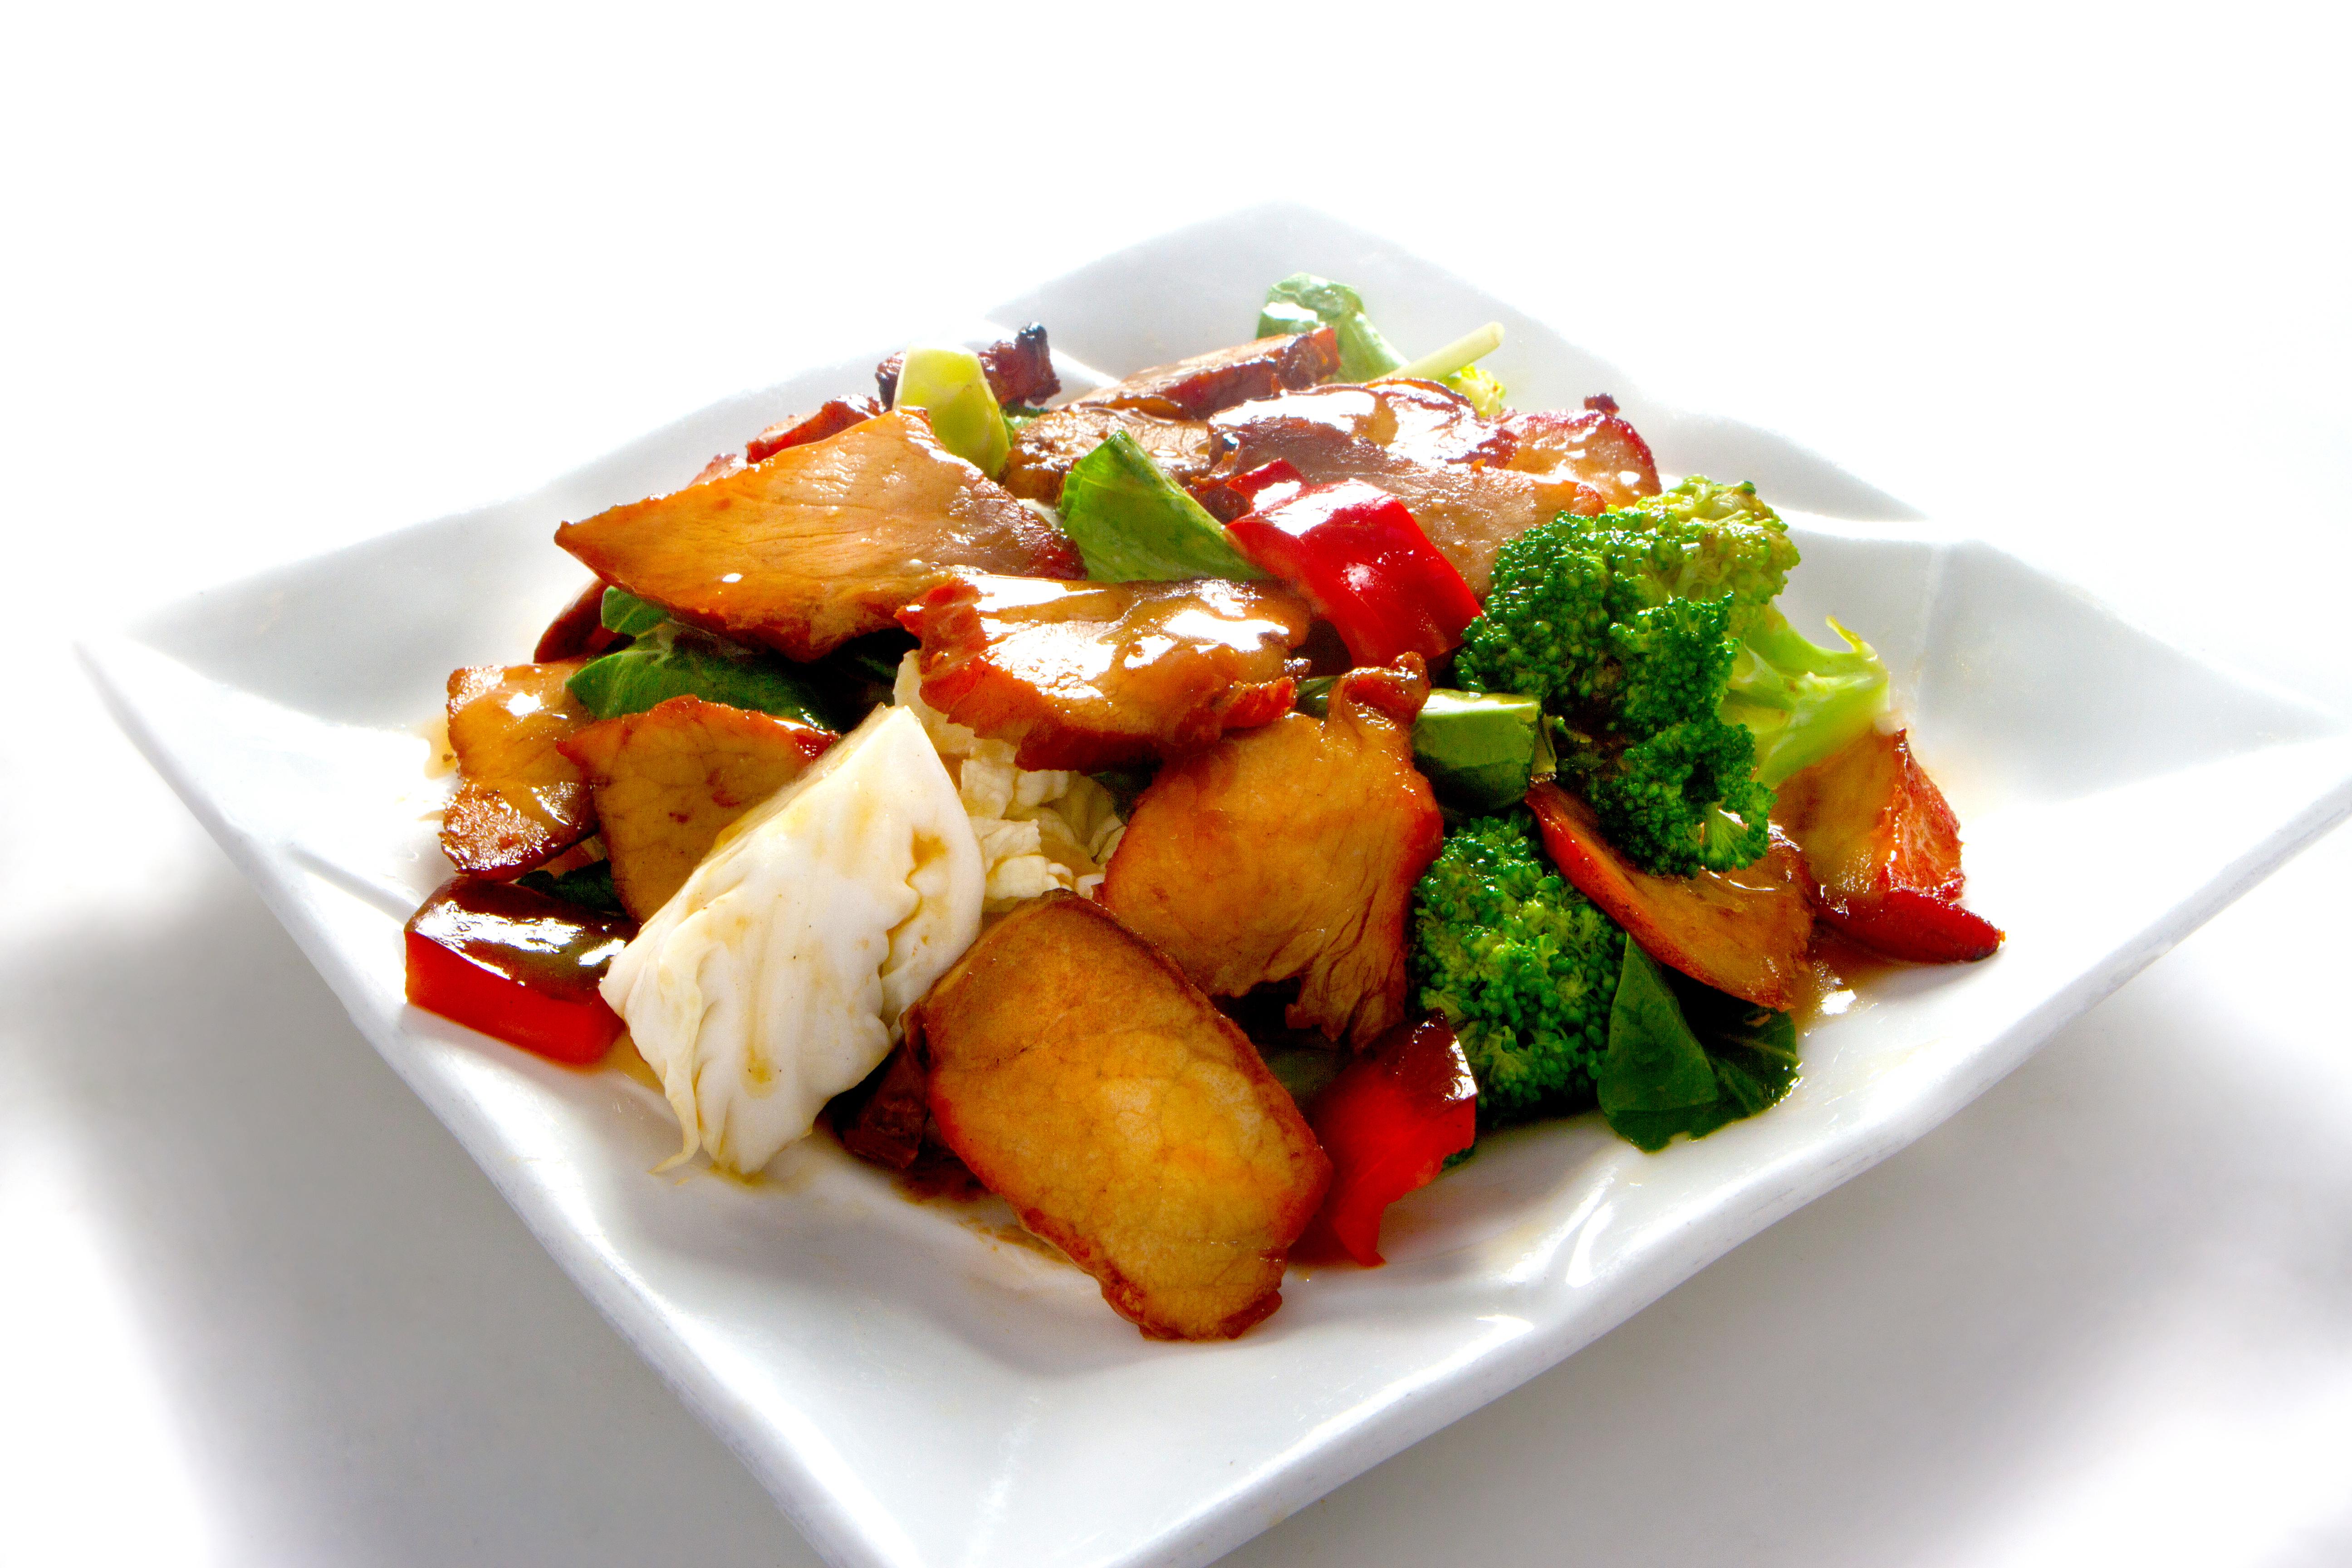 Delicioso chancho asado salteado con verduras.